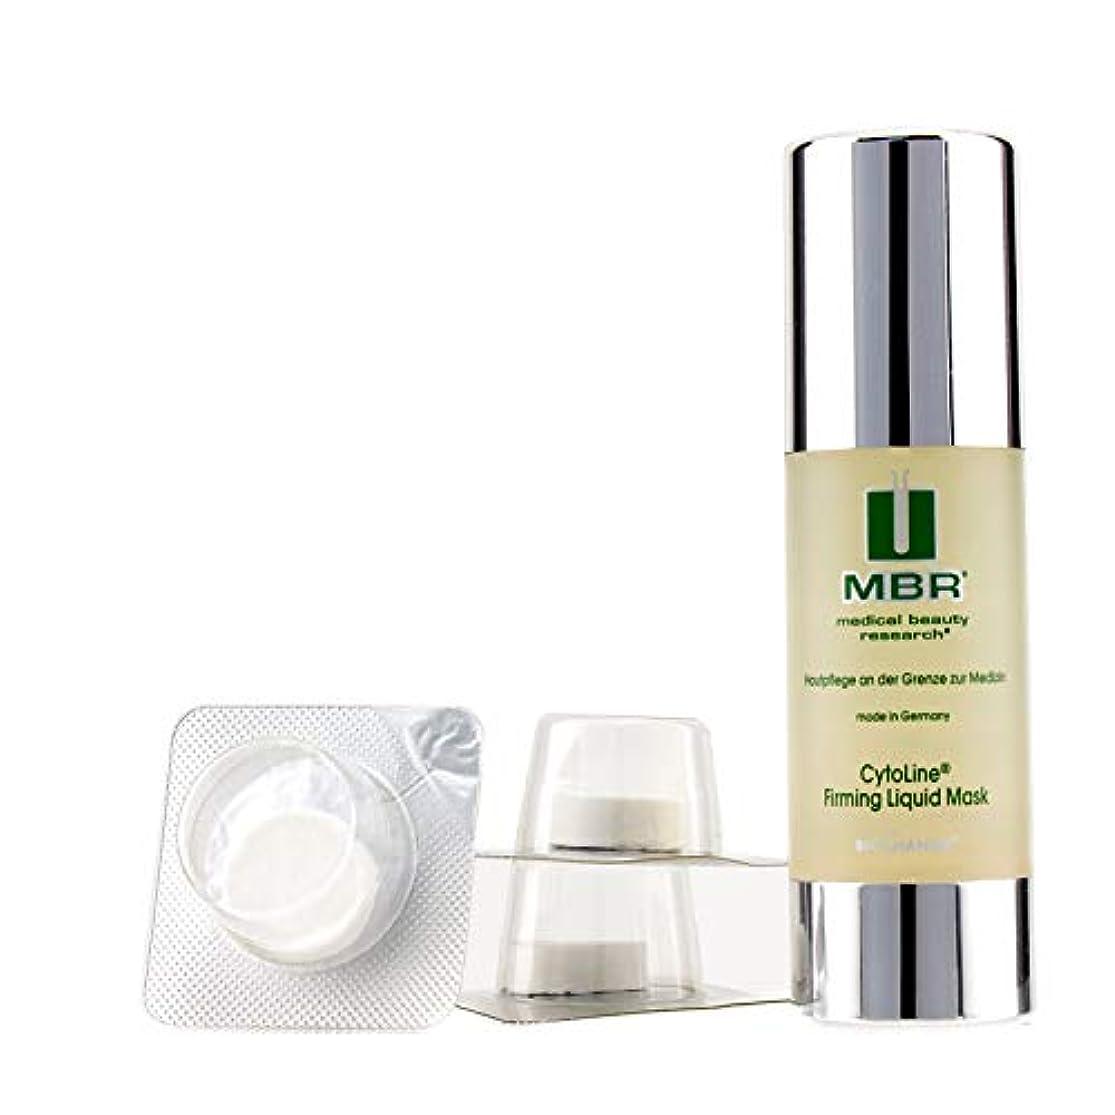 強制盗難先生MBR Medical Beauty Research BioChange CytoLine Firming Liquid Mask 6applications並行輸入品